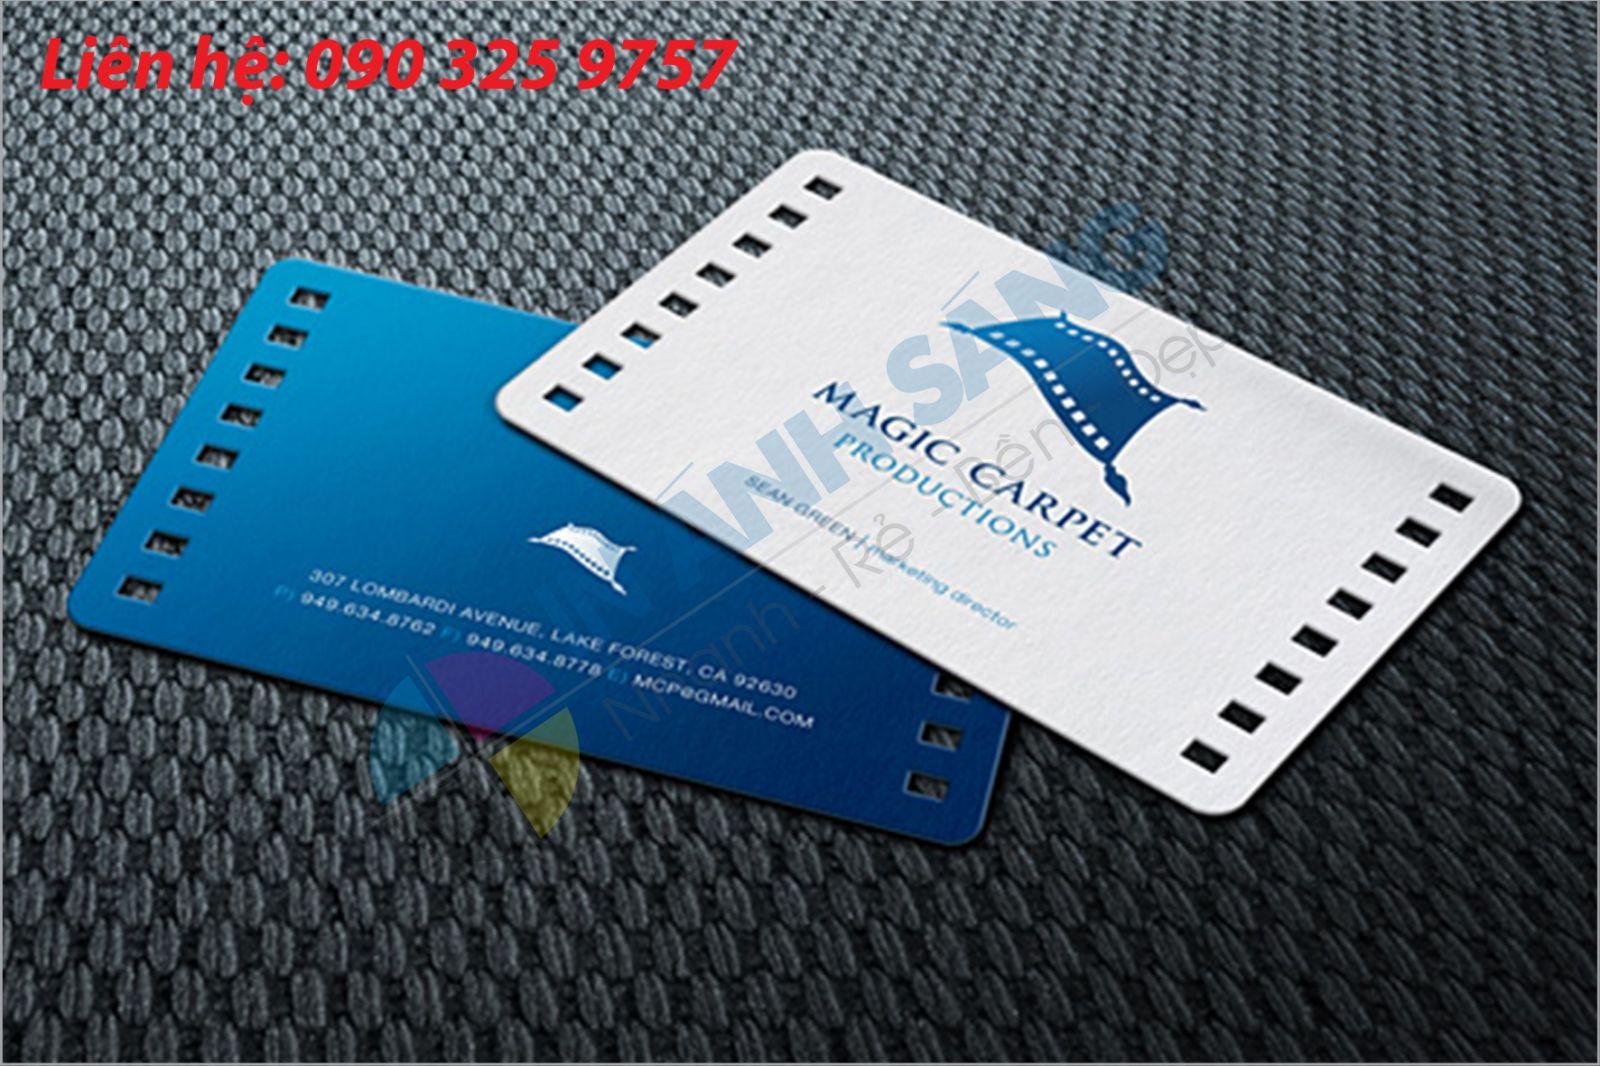 Ấn phẩm card visit in tại Ánh Sáng